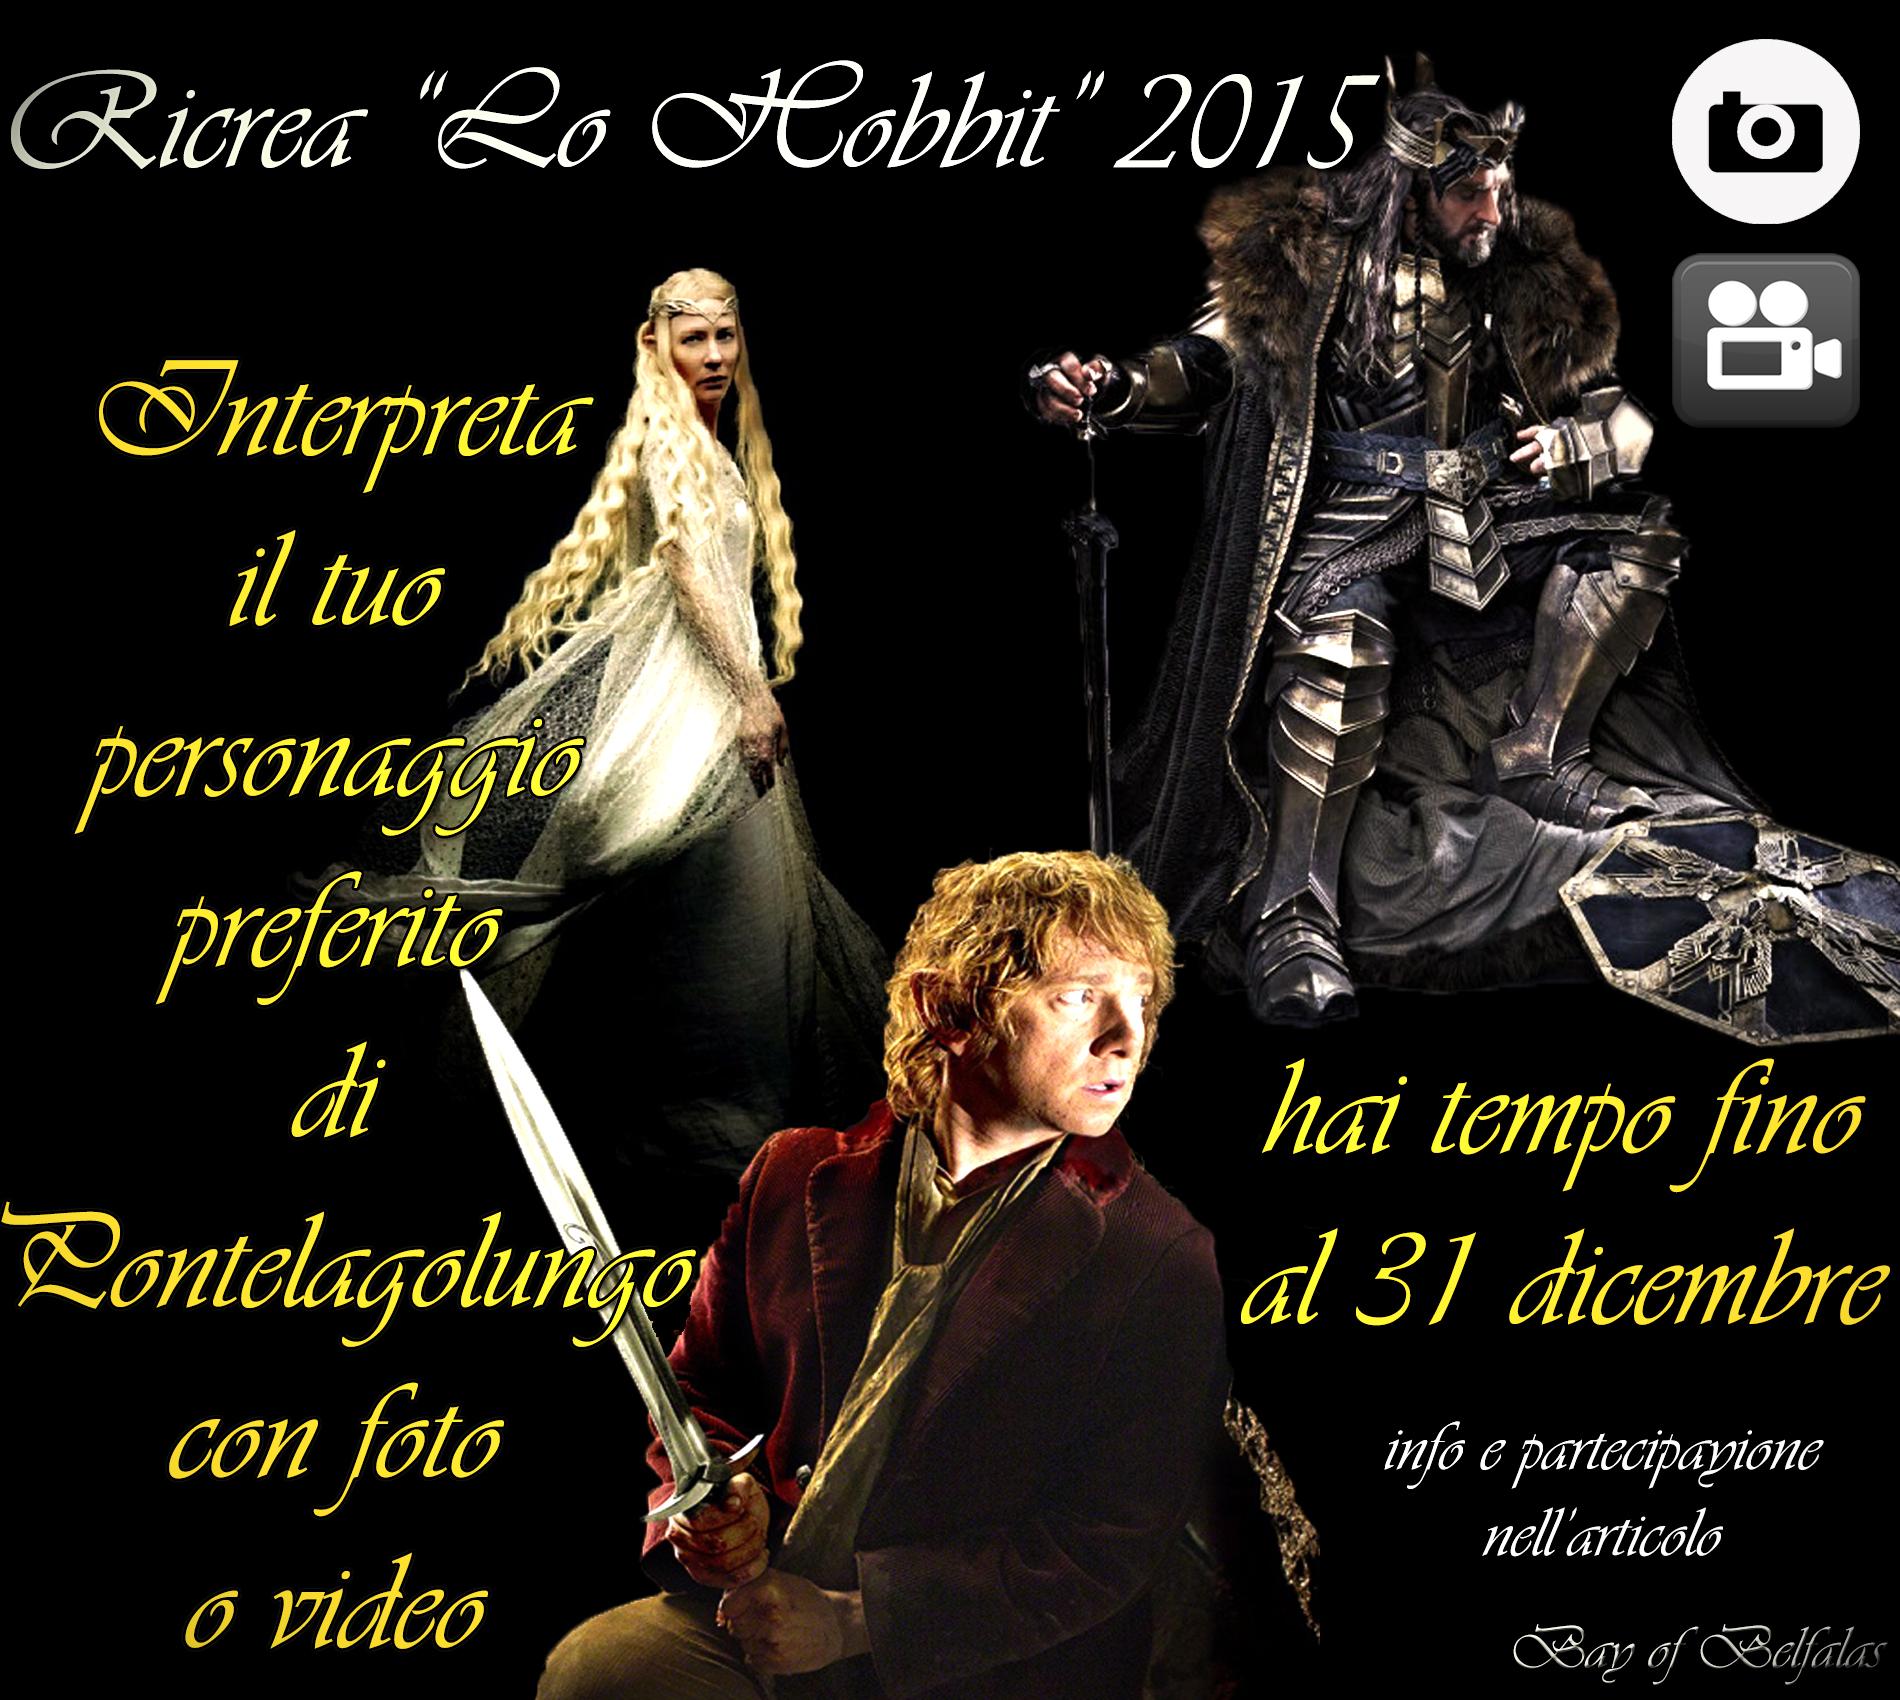 ricrea2015withlogos